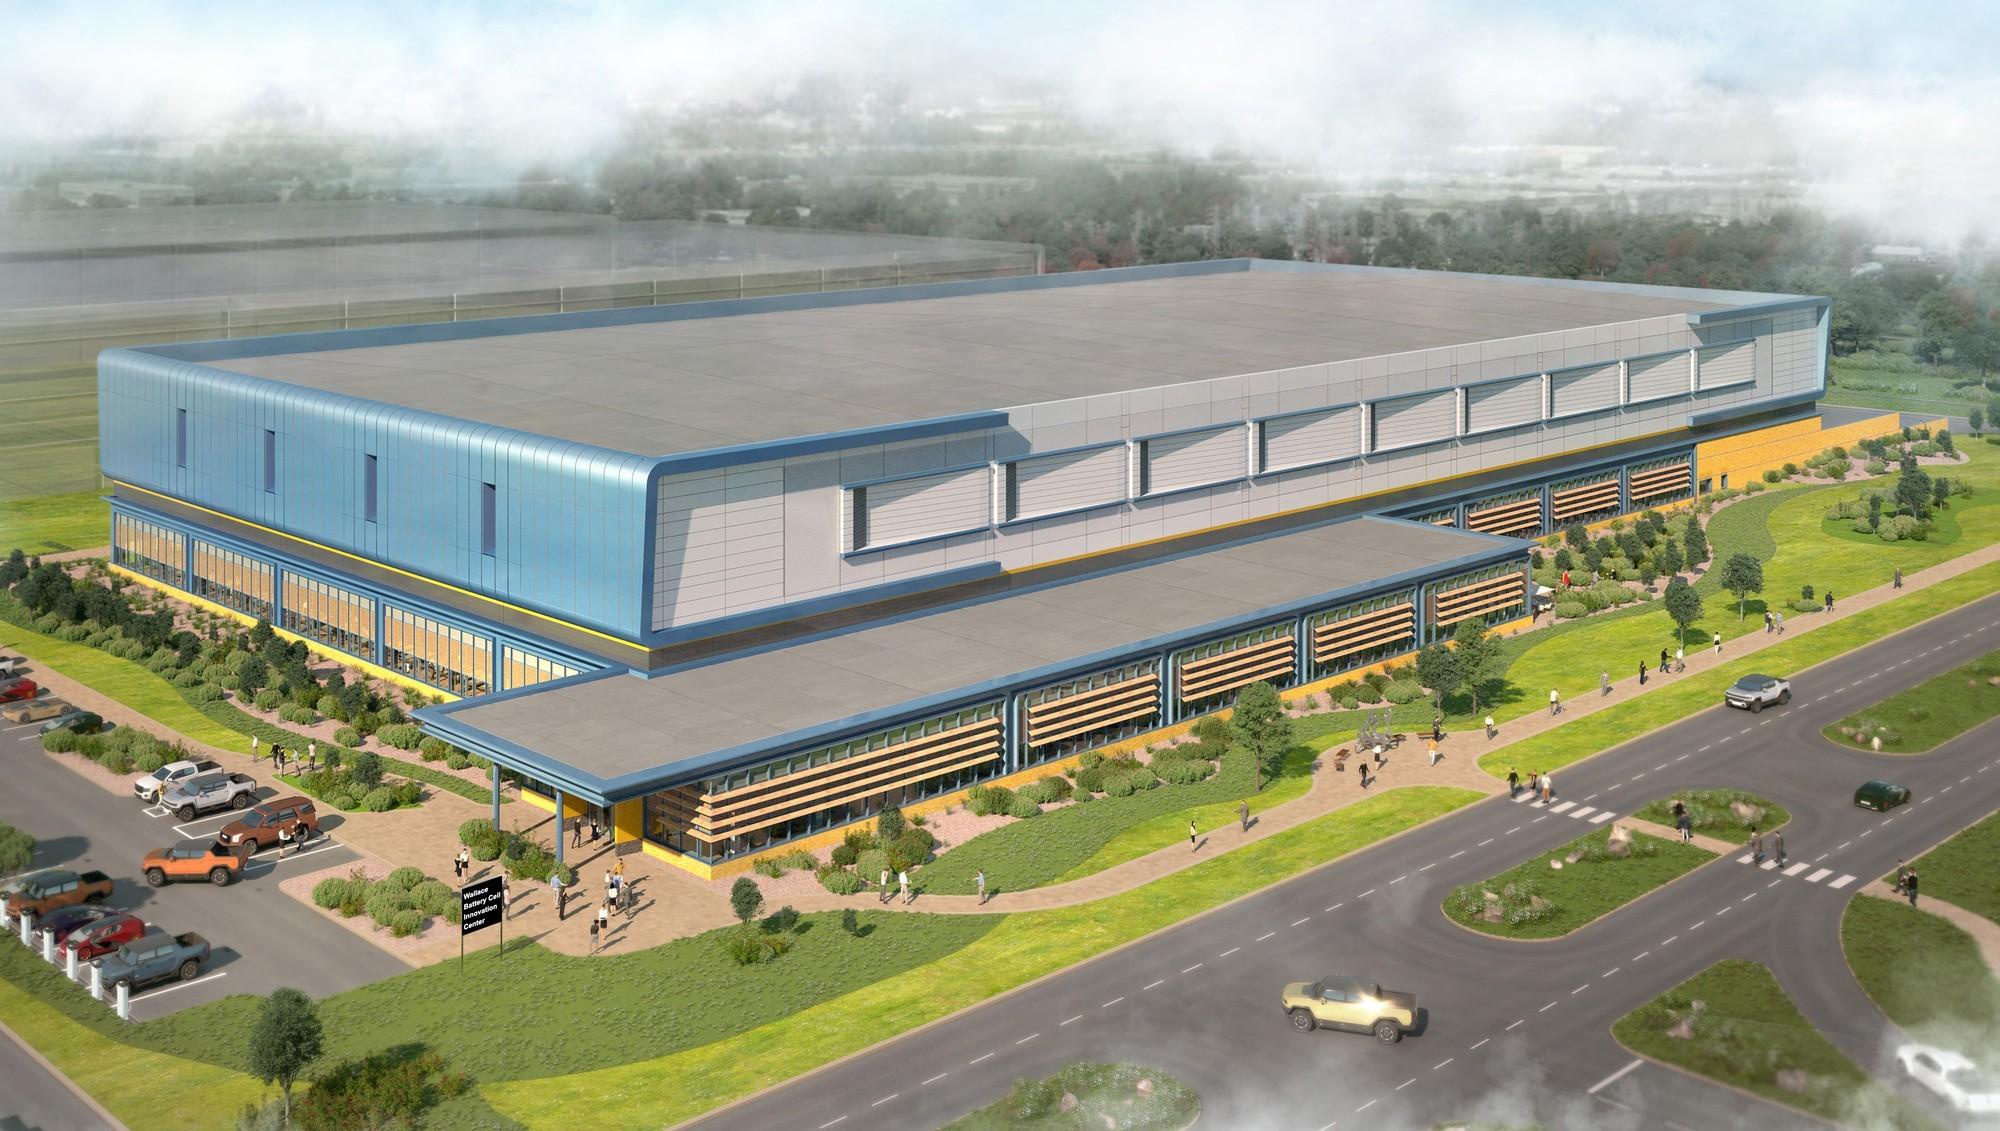 Дёшево и без брака: GM строит собственный центр разработок батарей для электромобилей